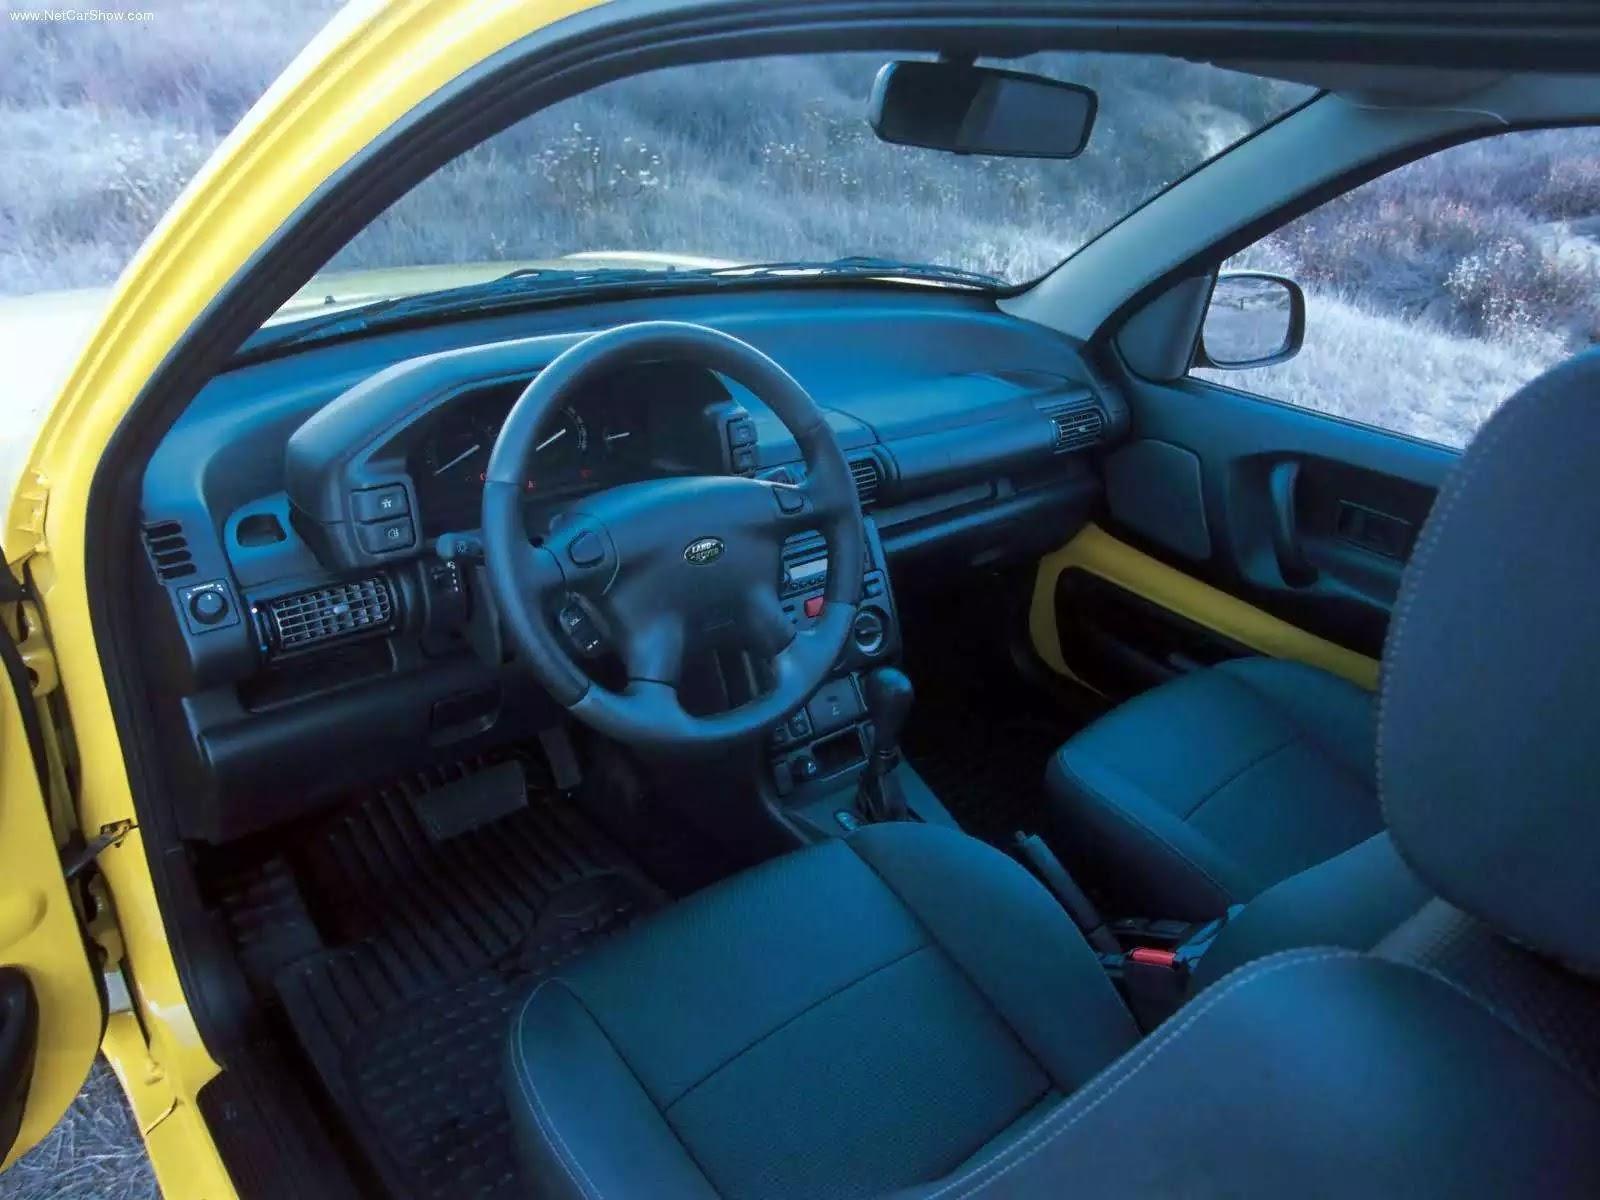 Hình ảnh xe ô tô Land Rover Freelander SE3 2003 & nội ngoại thất